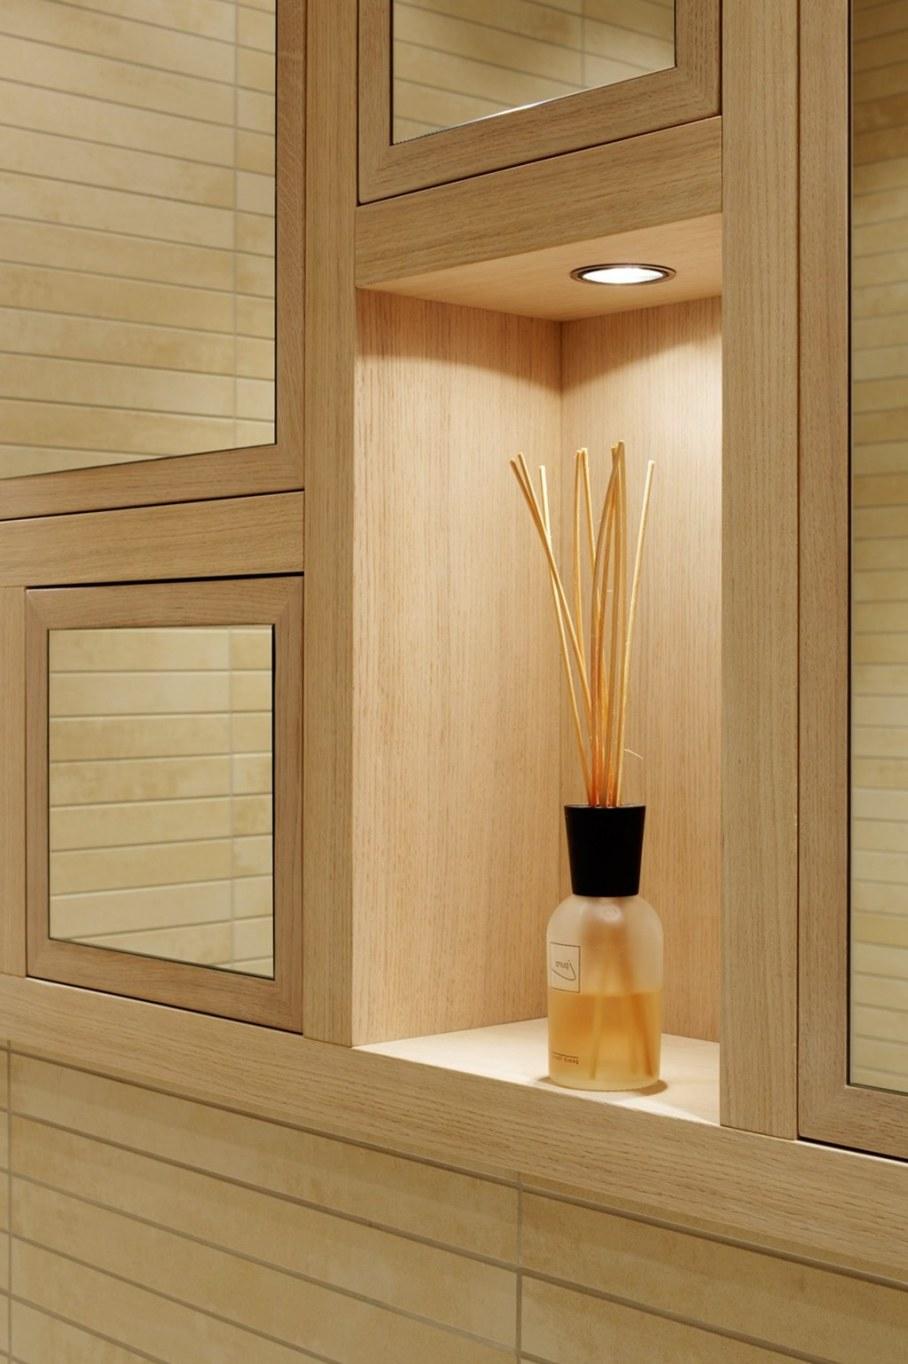 Elegant interior design - elegant bathroom - very similar to wood but in the fact it is ceramics